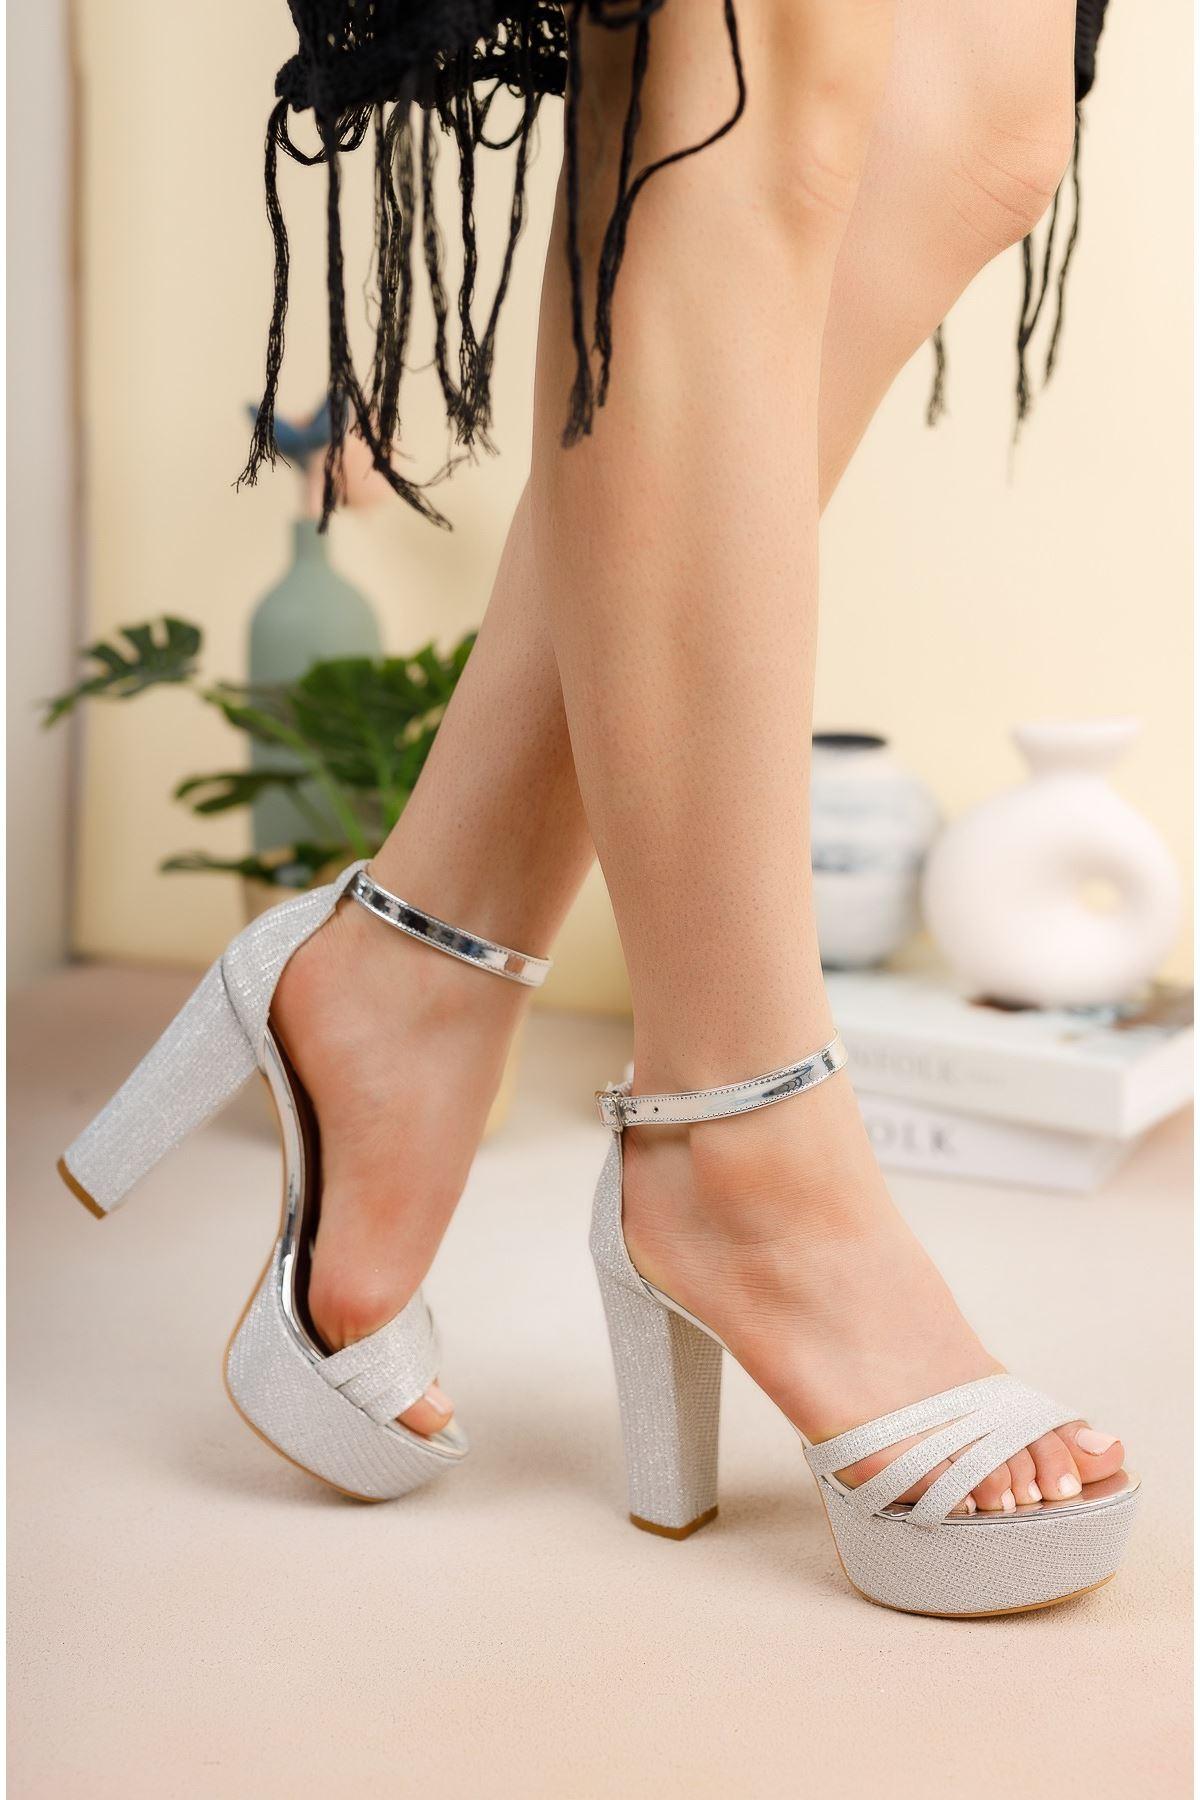 Gümüş Simli Üç Bant Yüksek Platform Topuklu Abiye Ayakkabı